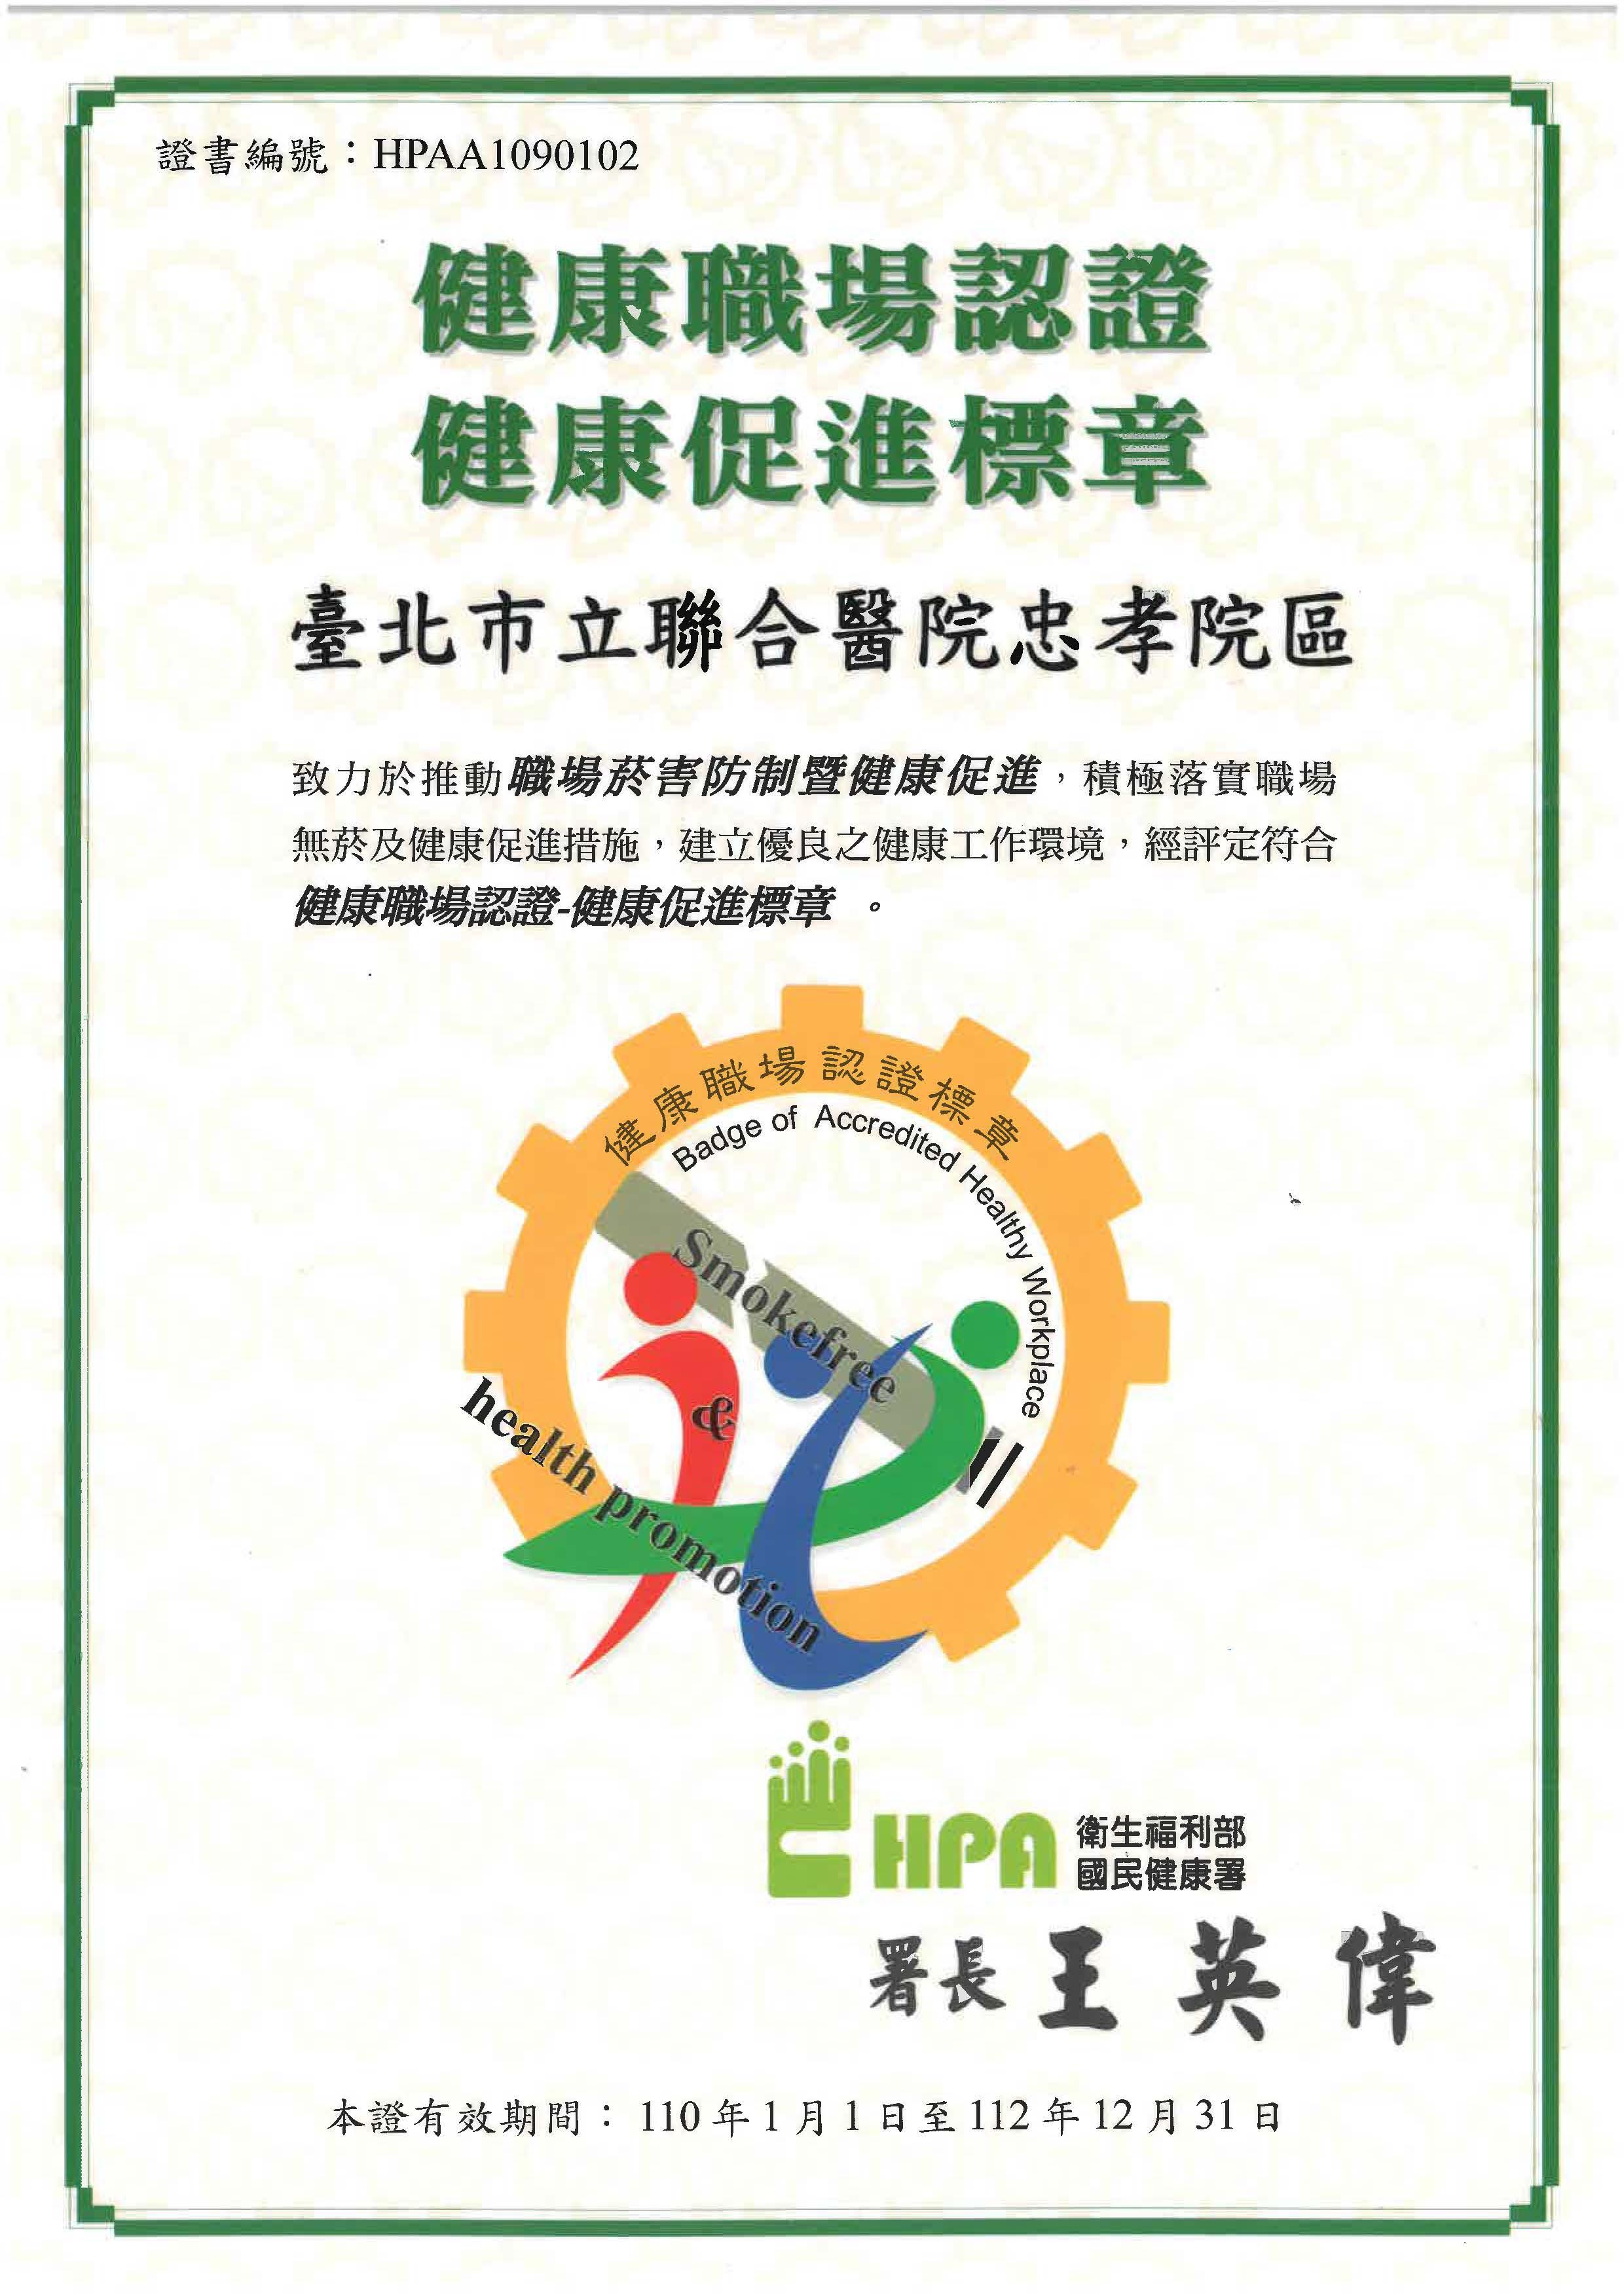 賀:忠孝院區榮獲110年健康職場認證-健康促進標章